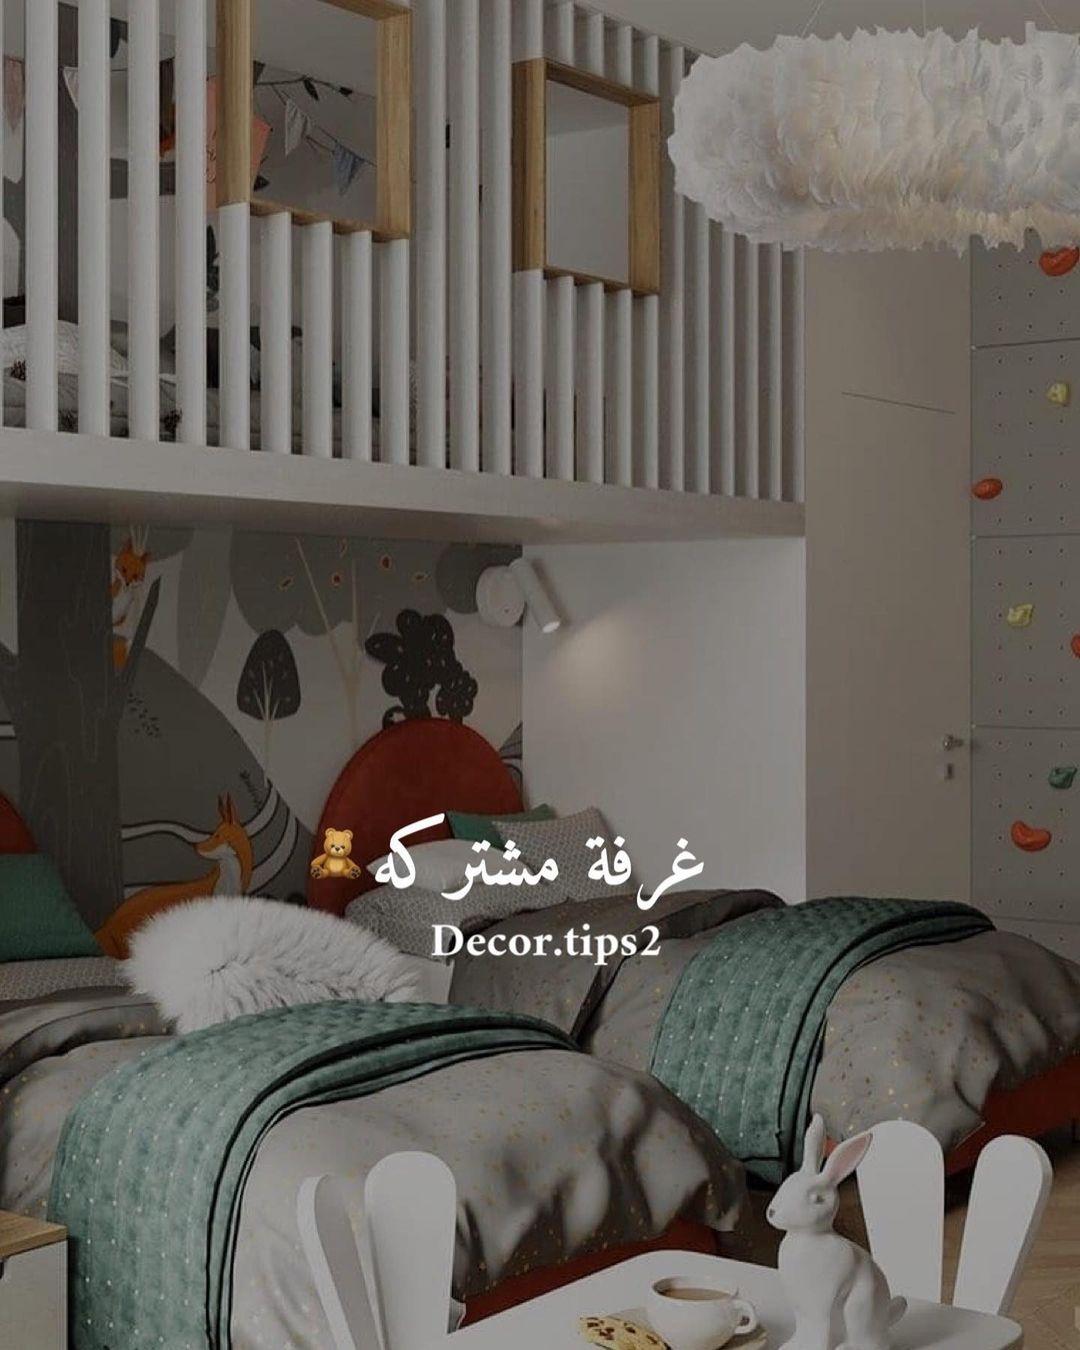 . مساء الخير يا أصحاب . تصميم غرفة مشتركه لطفلتين اعتمدوا فيها على الألوان الفات…